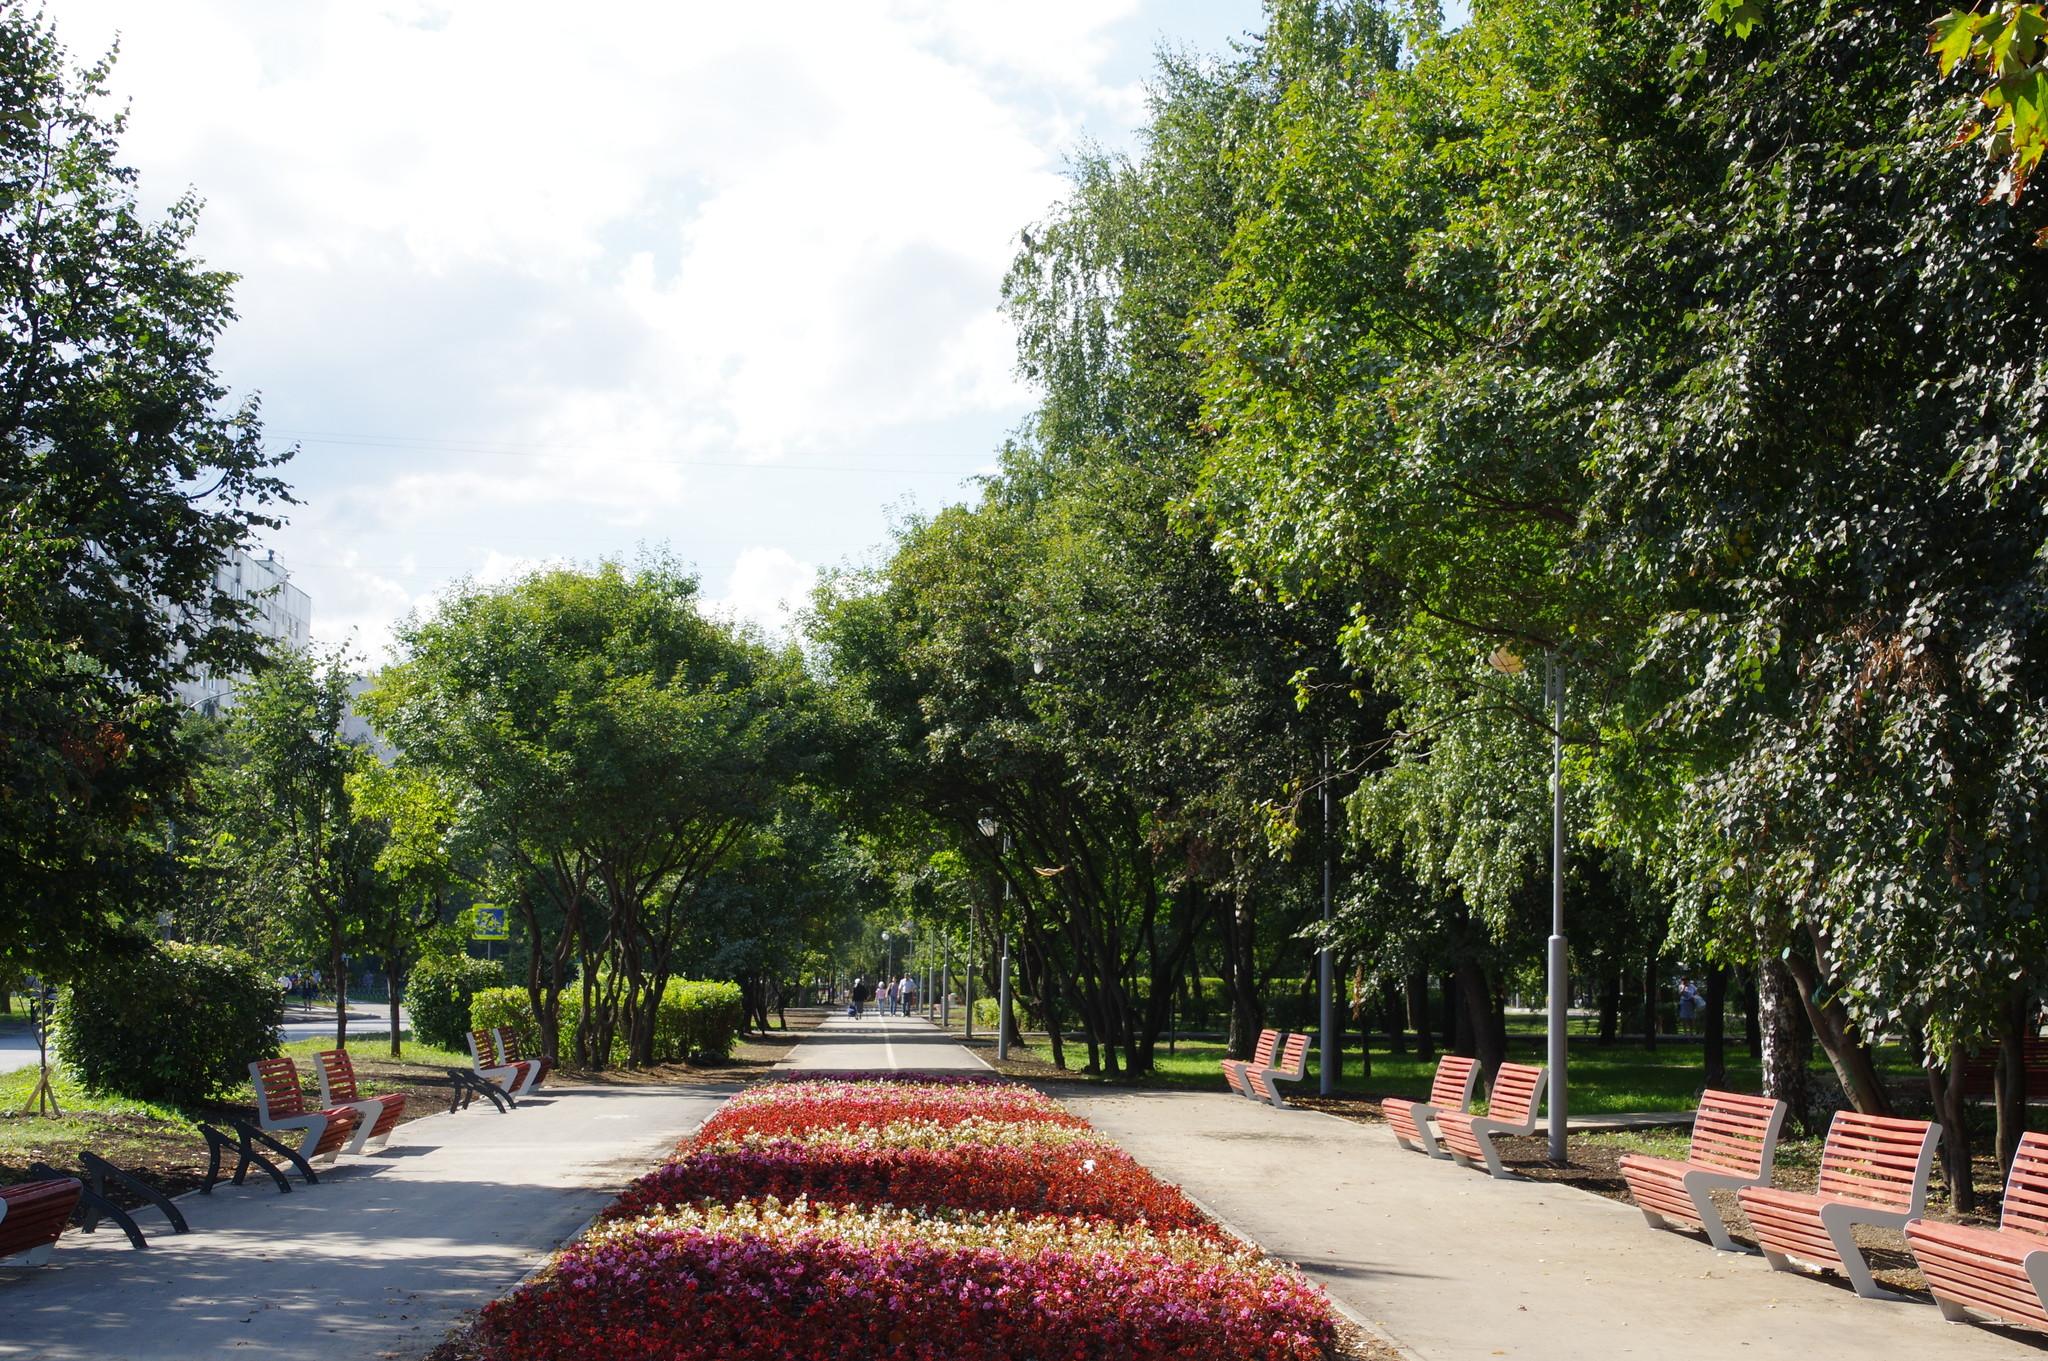 «Народной парк» на улице Череповецкая (участок 1)